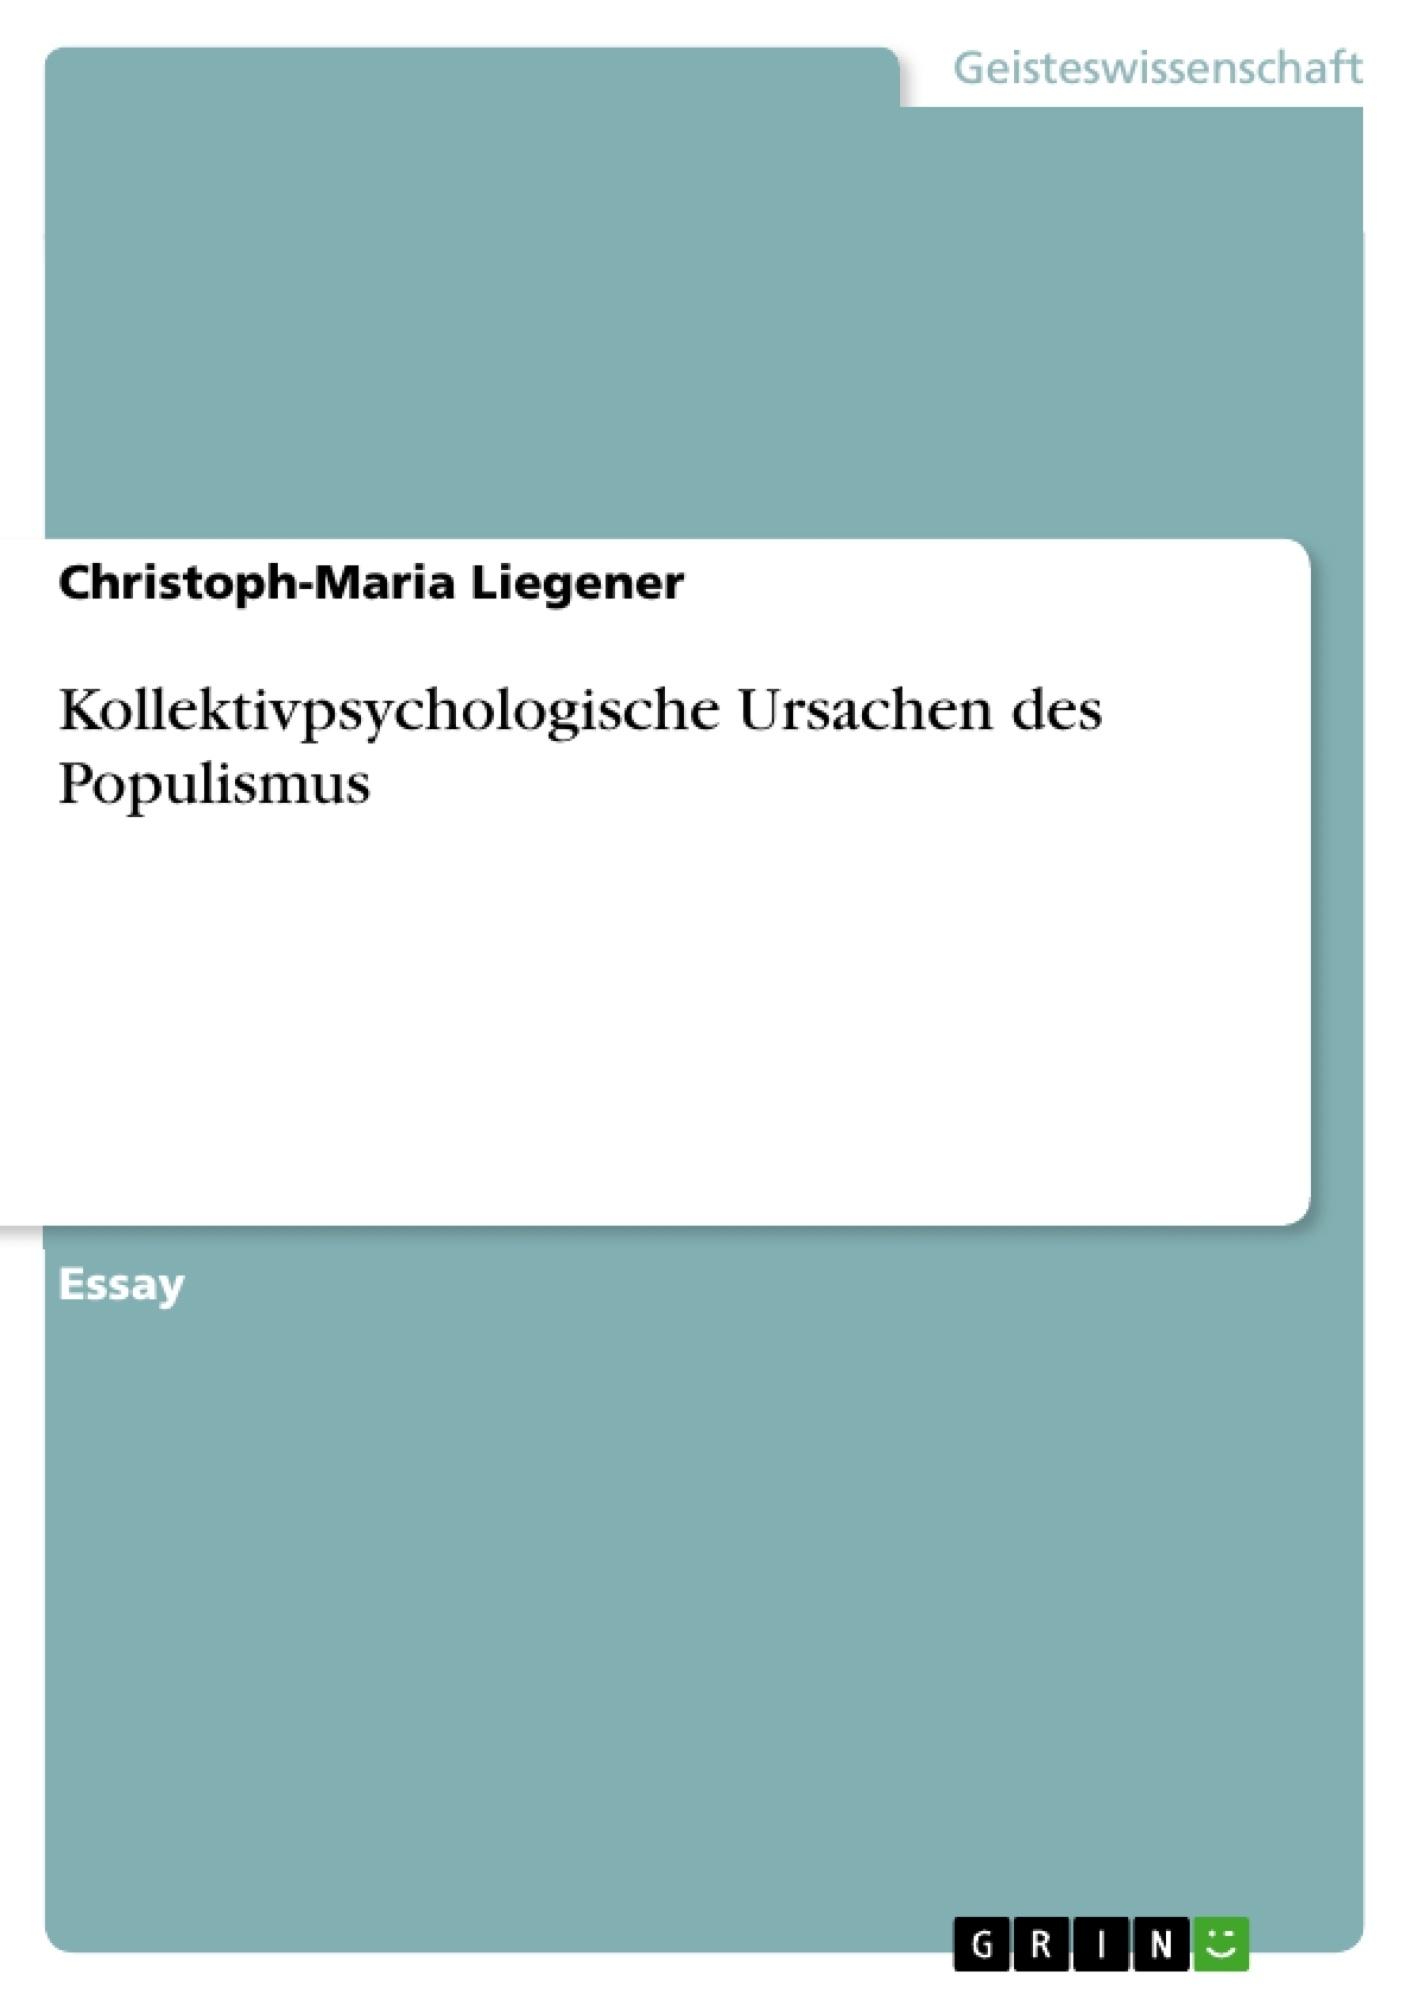 Titel: Kollektivpsychologische Ursachen des Populismus